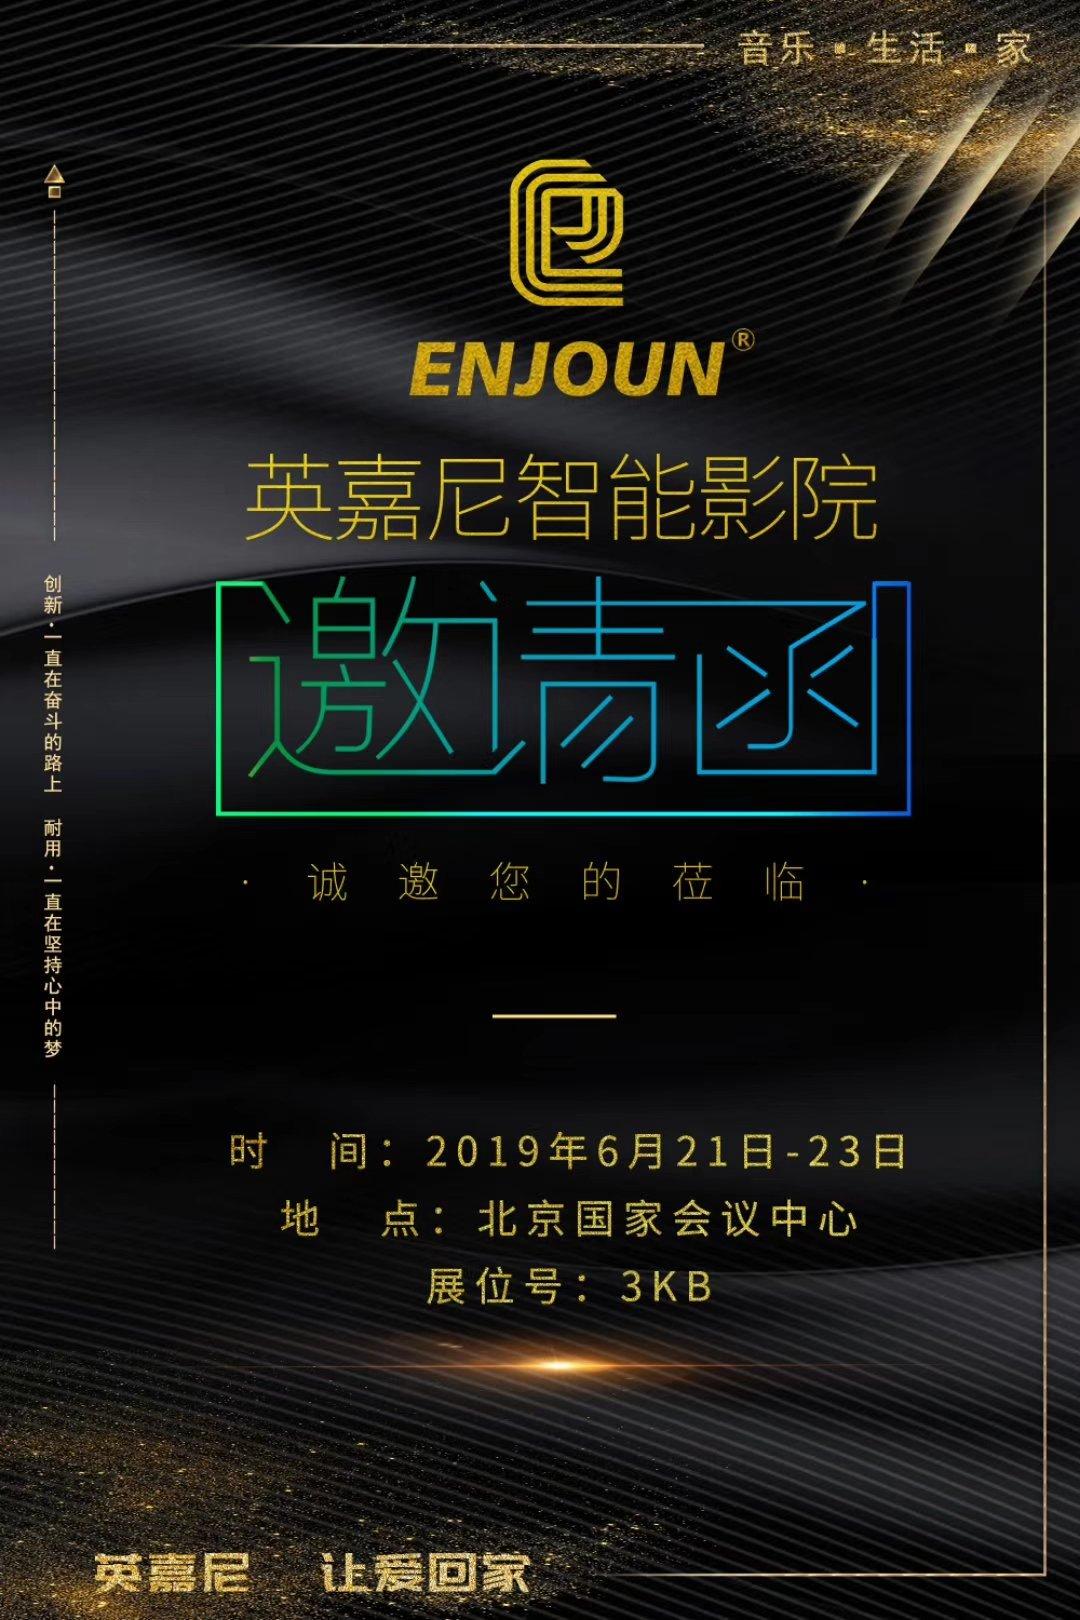 英嘉尼 ENJOUN 智能影院 家庭影院 CIT2019 隐形音箱 隐形音响 客厅影院图片来自英嘉尼隐形音响在北京CIT2019英嘉尼智能家庭影院的分享